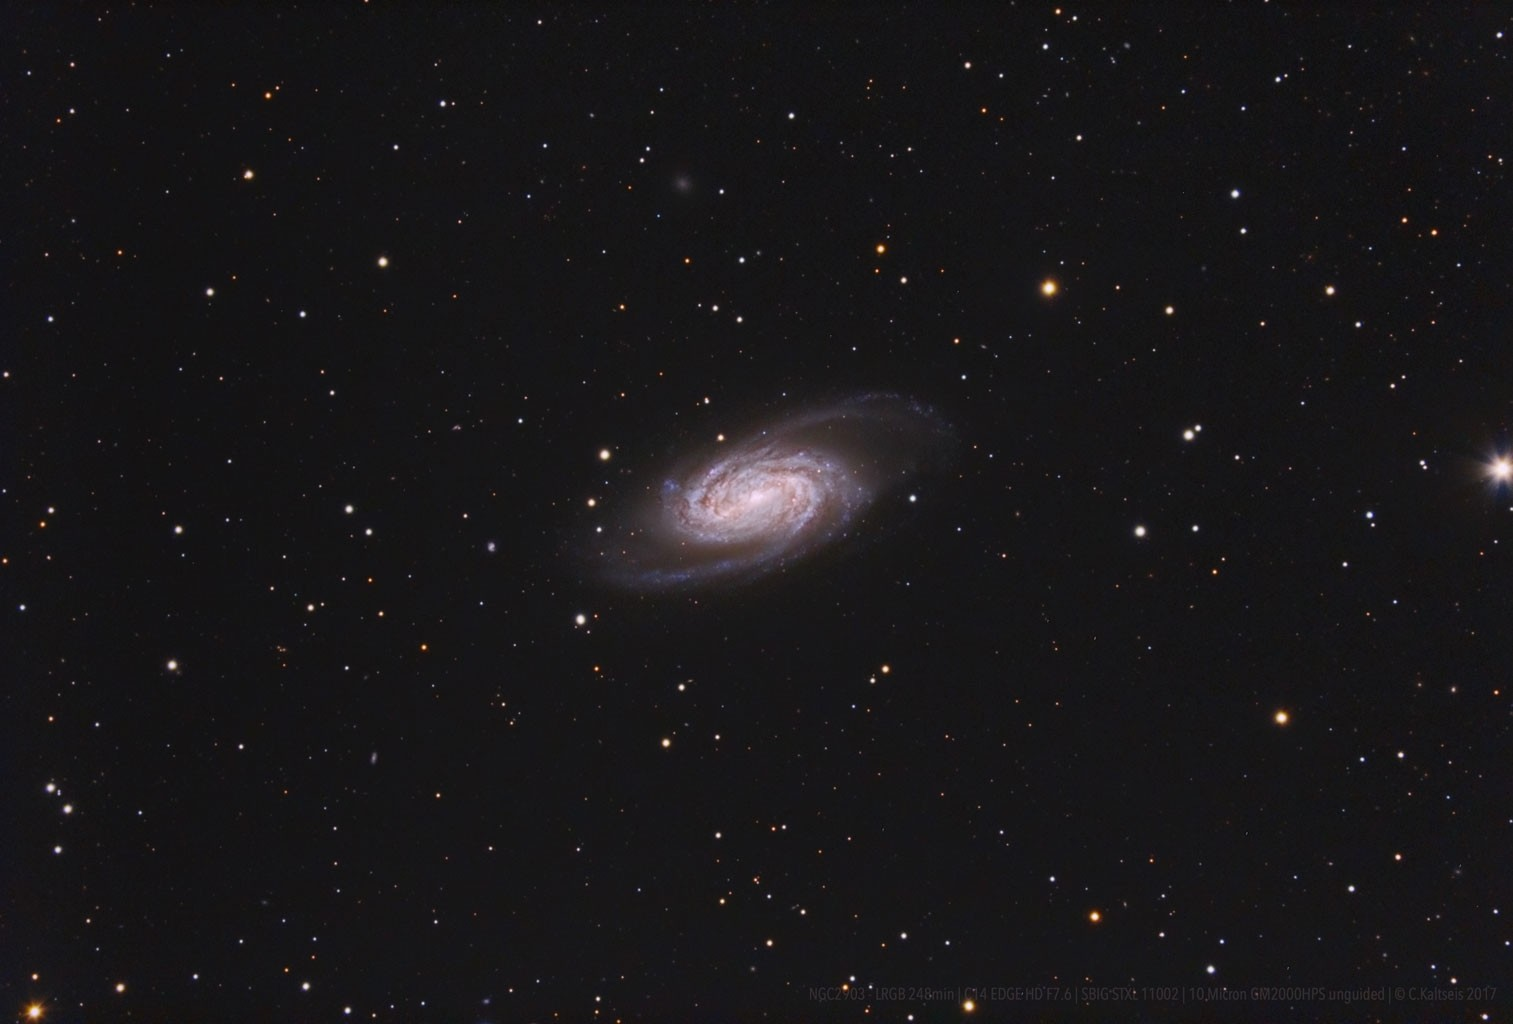 Anwendung: NGC 2903 mit C14 EdgeHD - Christoph Kaltseis